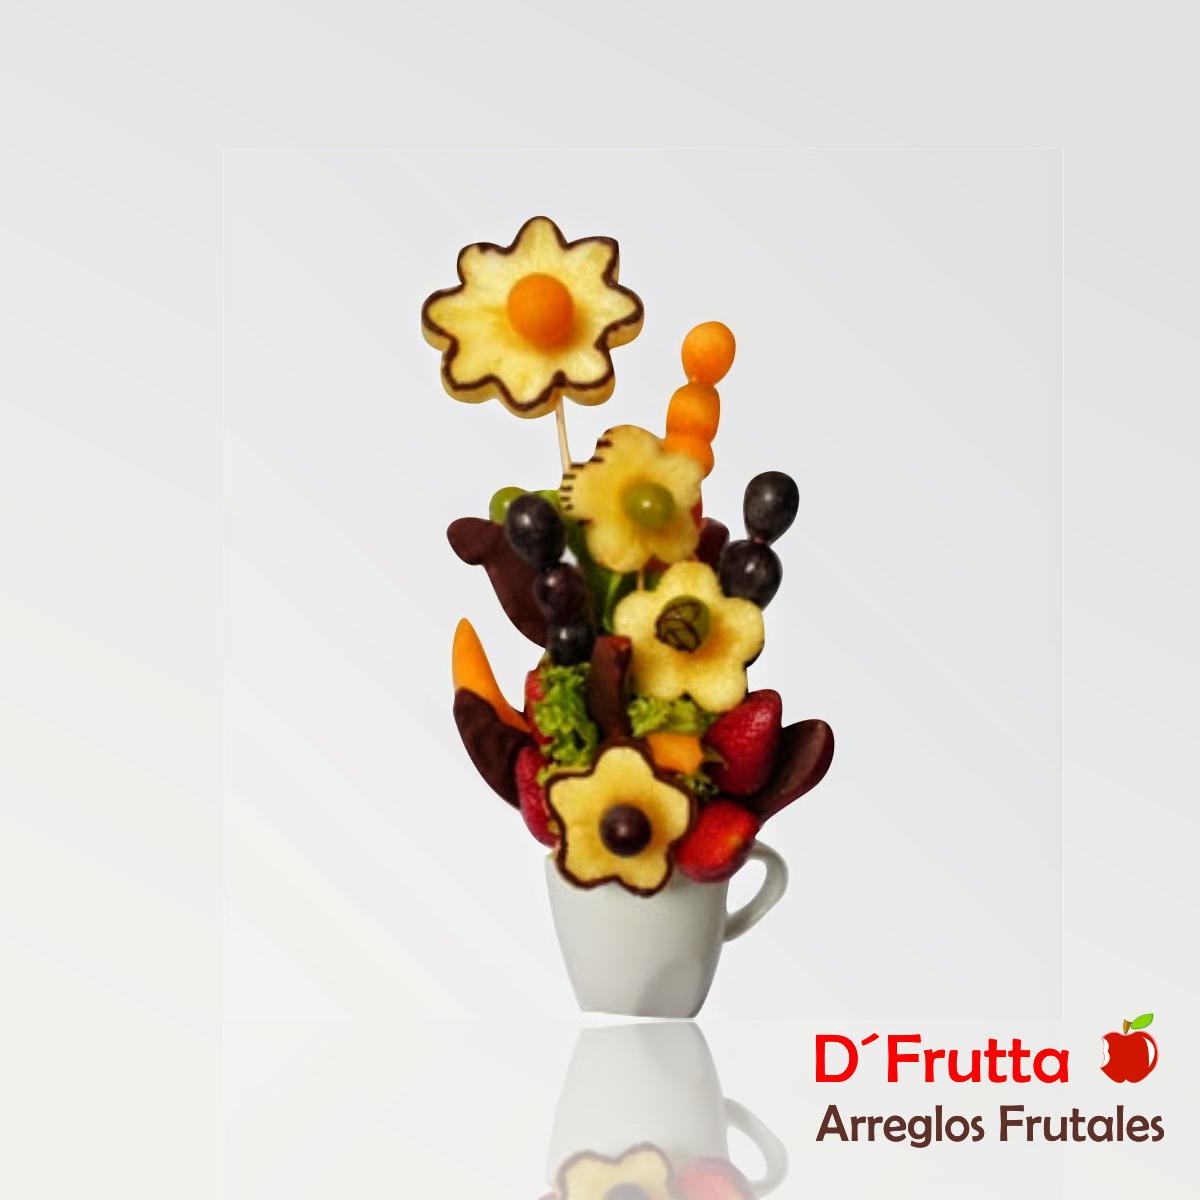 Flores De Fruta D Frutta Arreglos Frutales